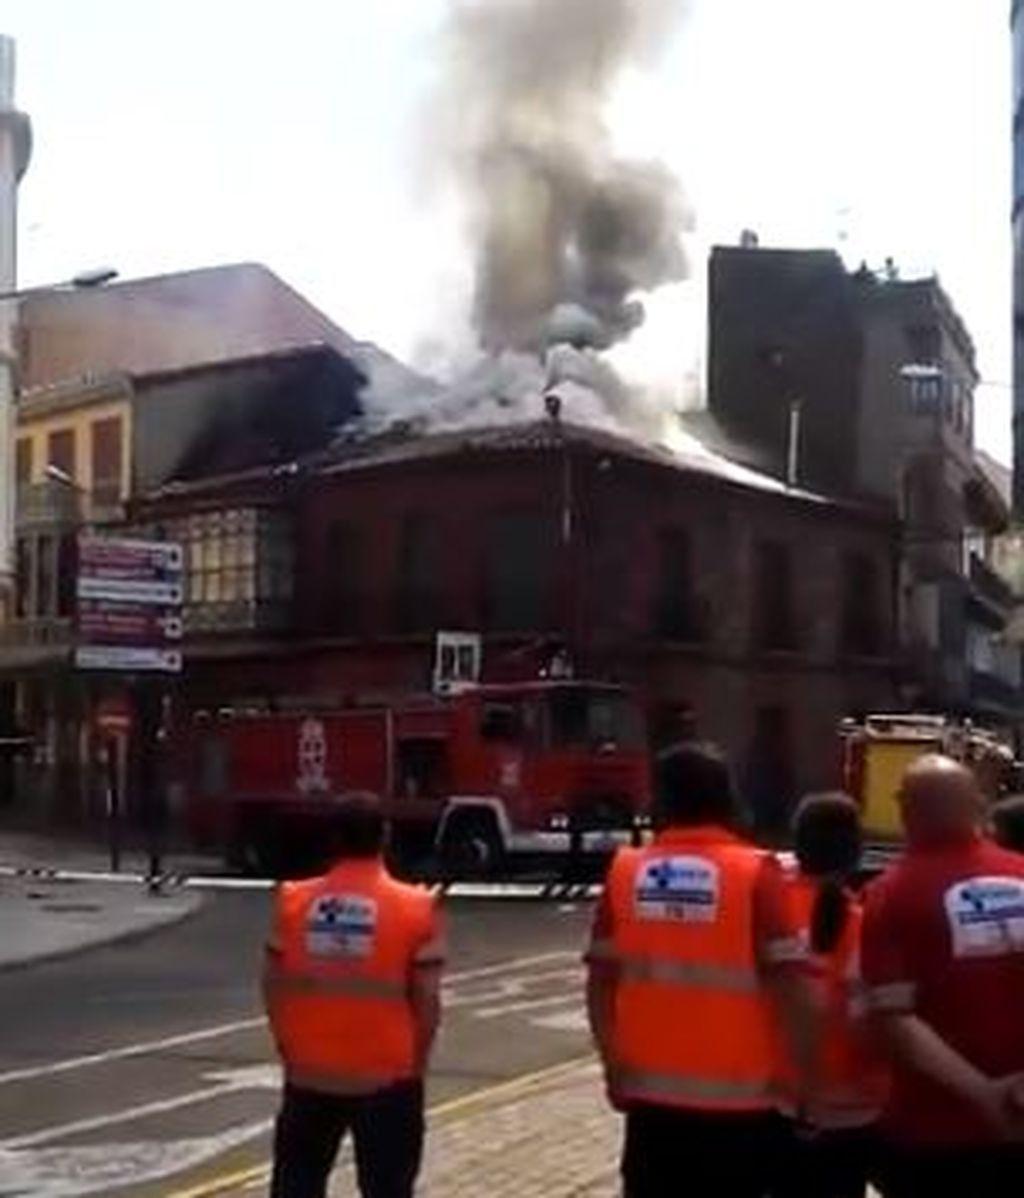 Una explosión y un incendio en un edificio obligan a desalojar varias viviendas en León